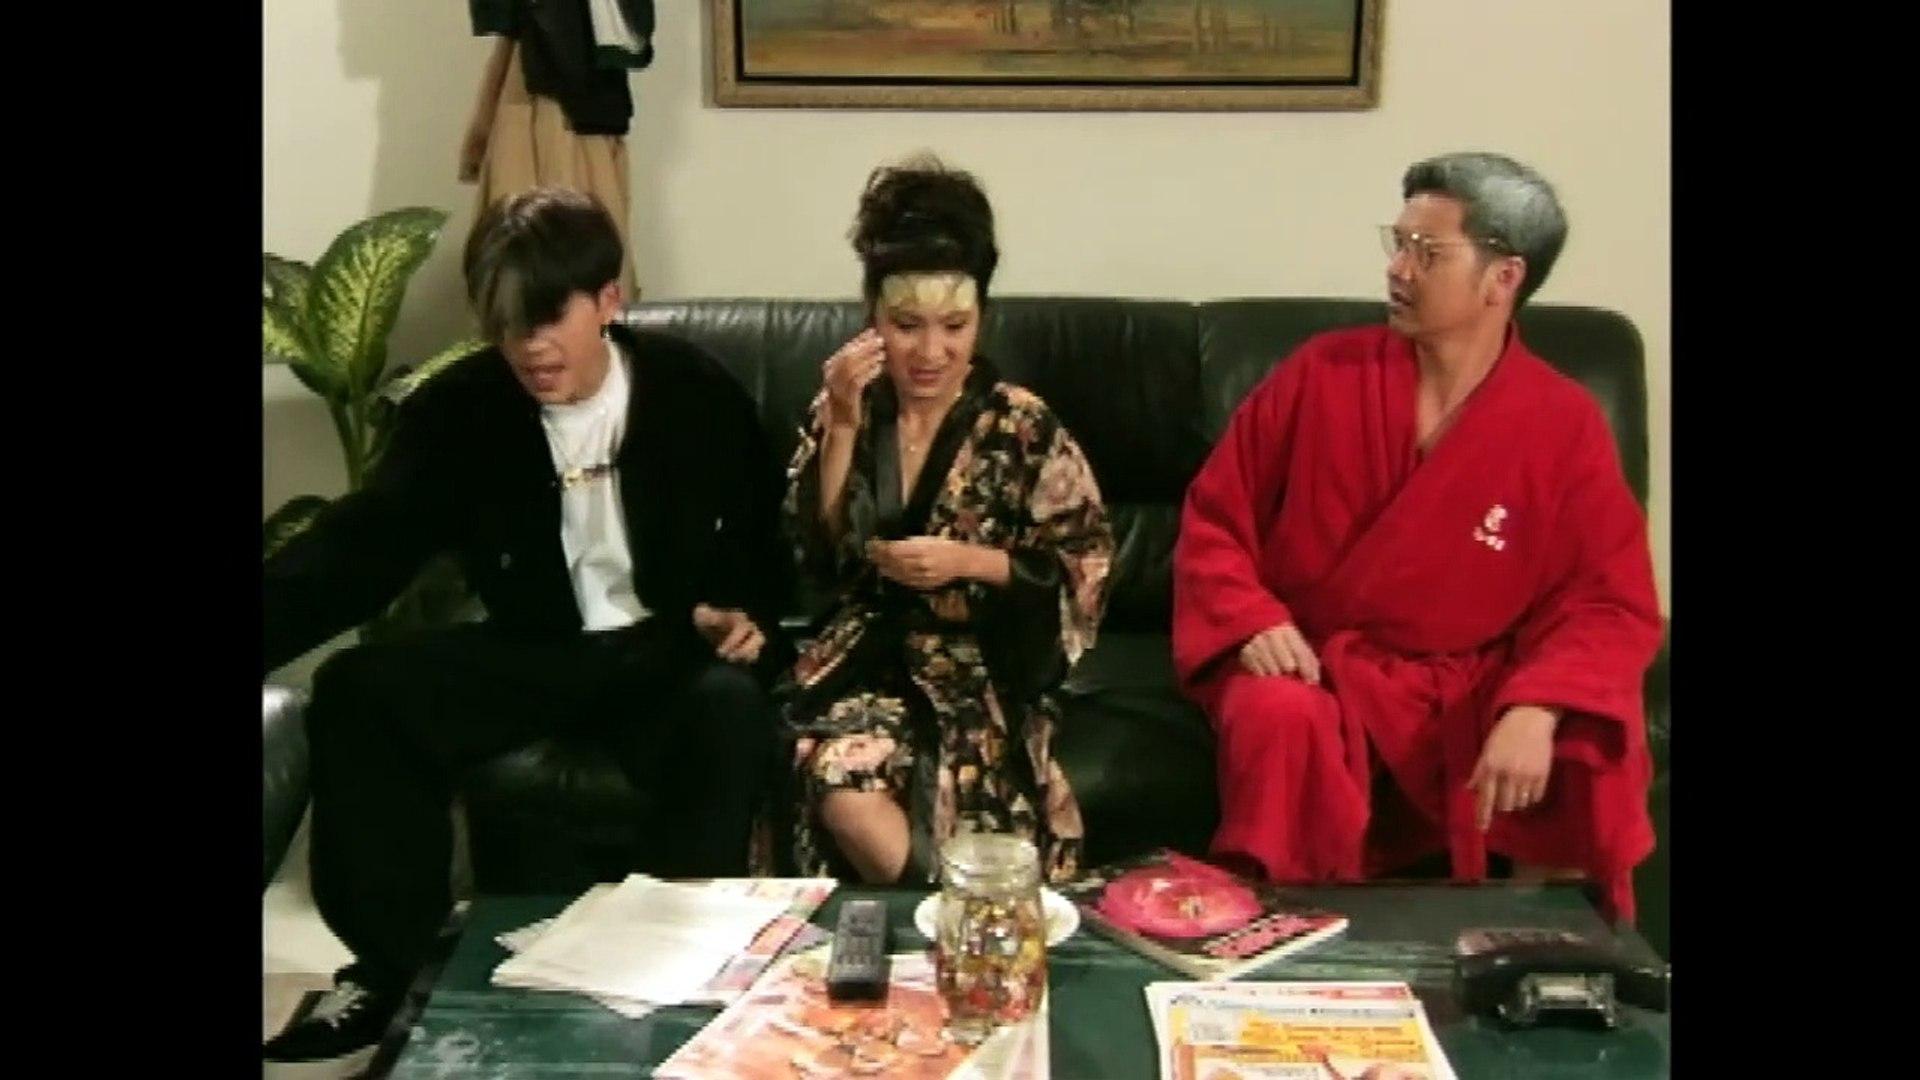 Video - Hài kịch CON RIÊNG (Quang Minh - Hồng Đào - Hoài Linh - Giáng Ngọc)